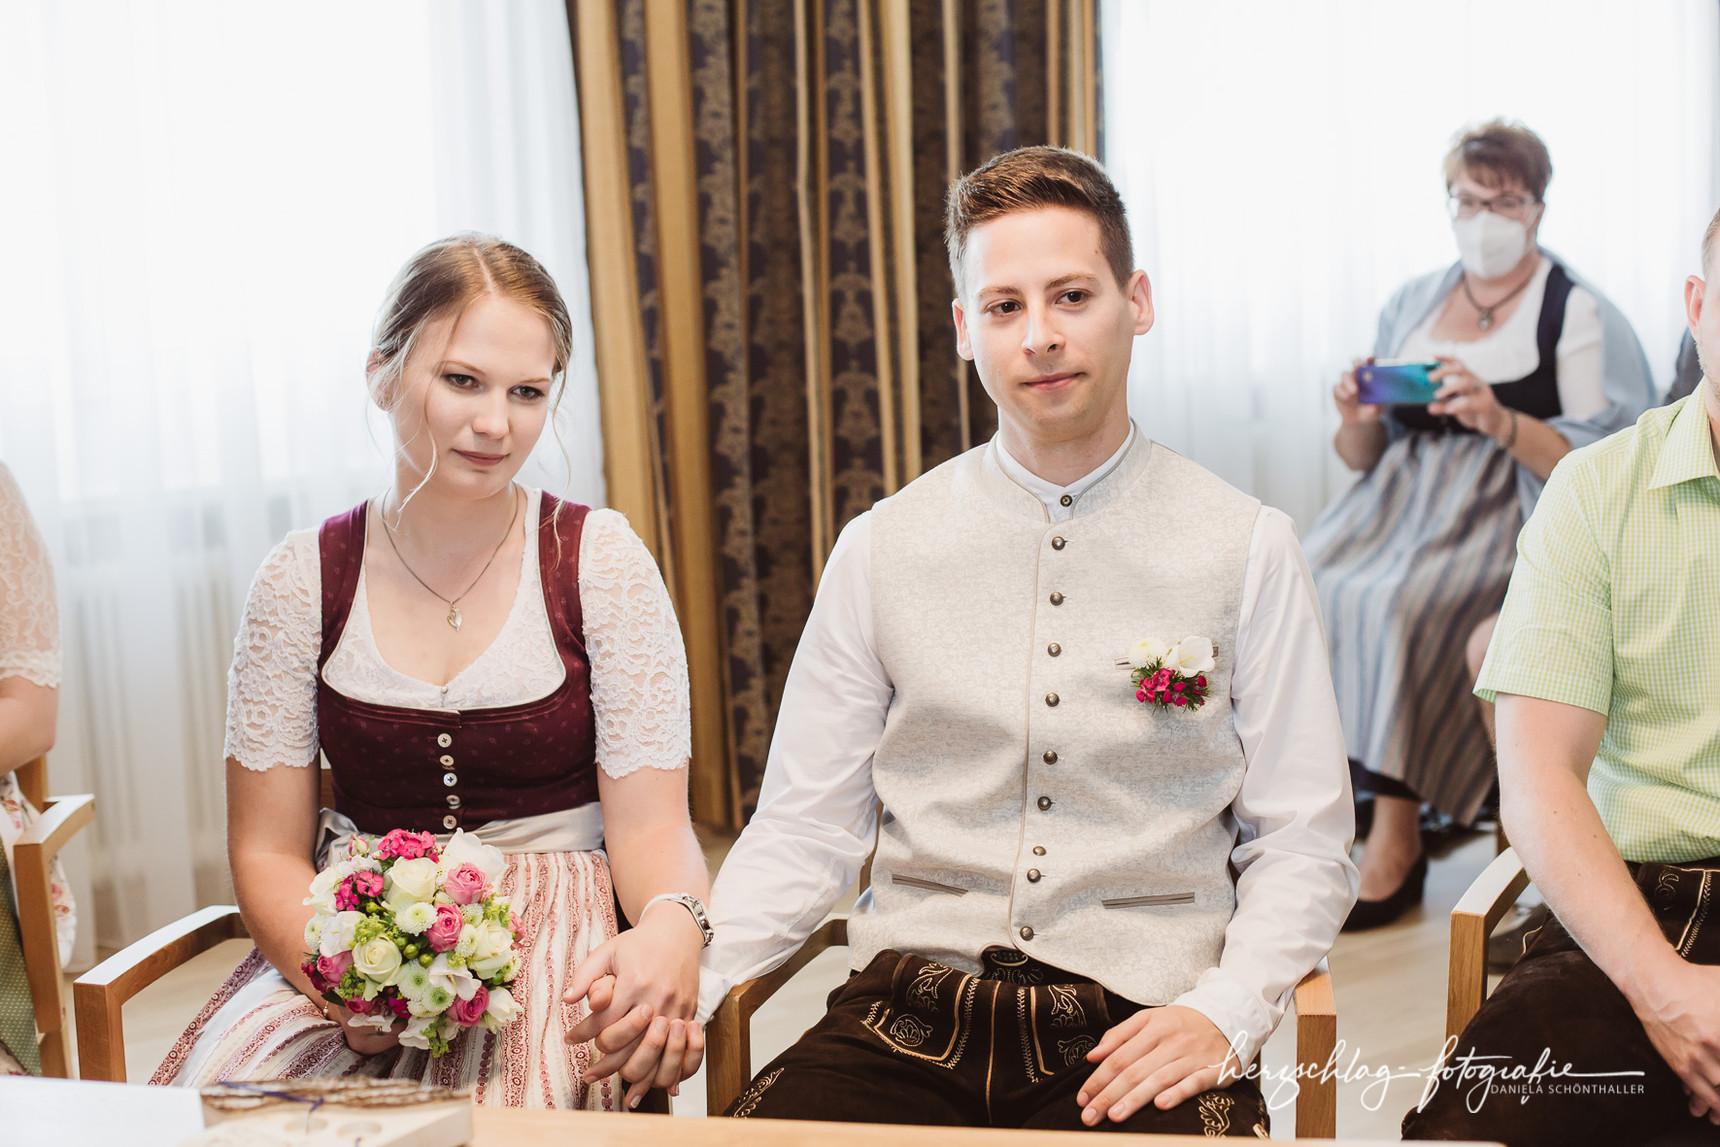 Hochzeit Victoria und Patrick Welte 120621 -58.jpg